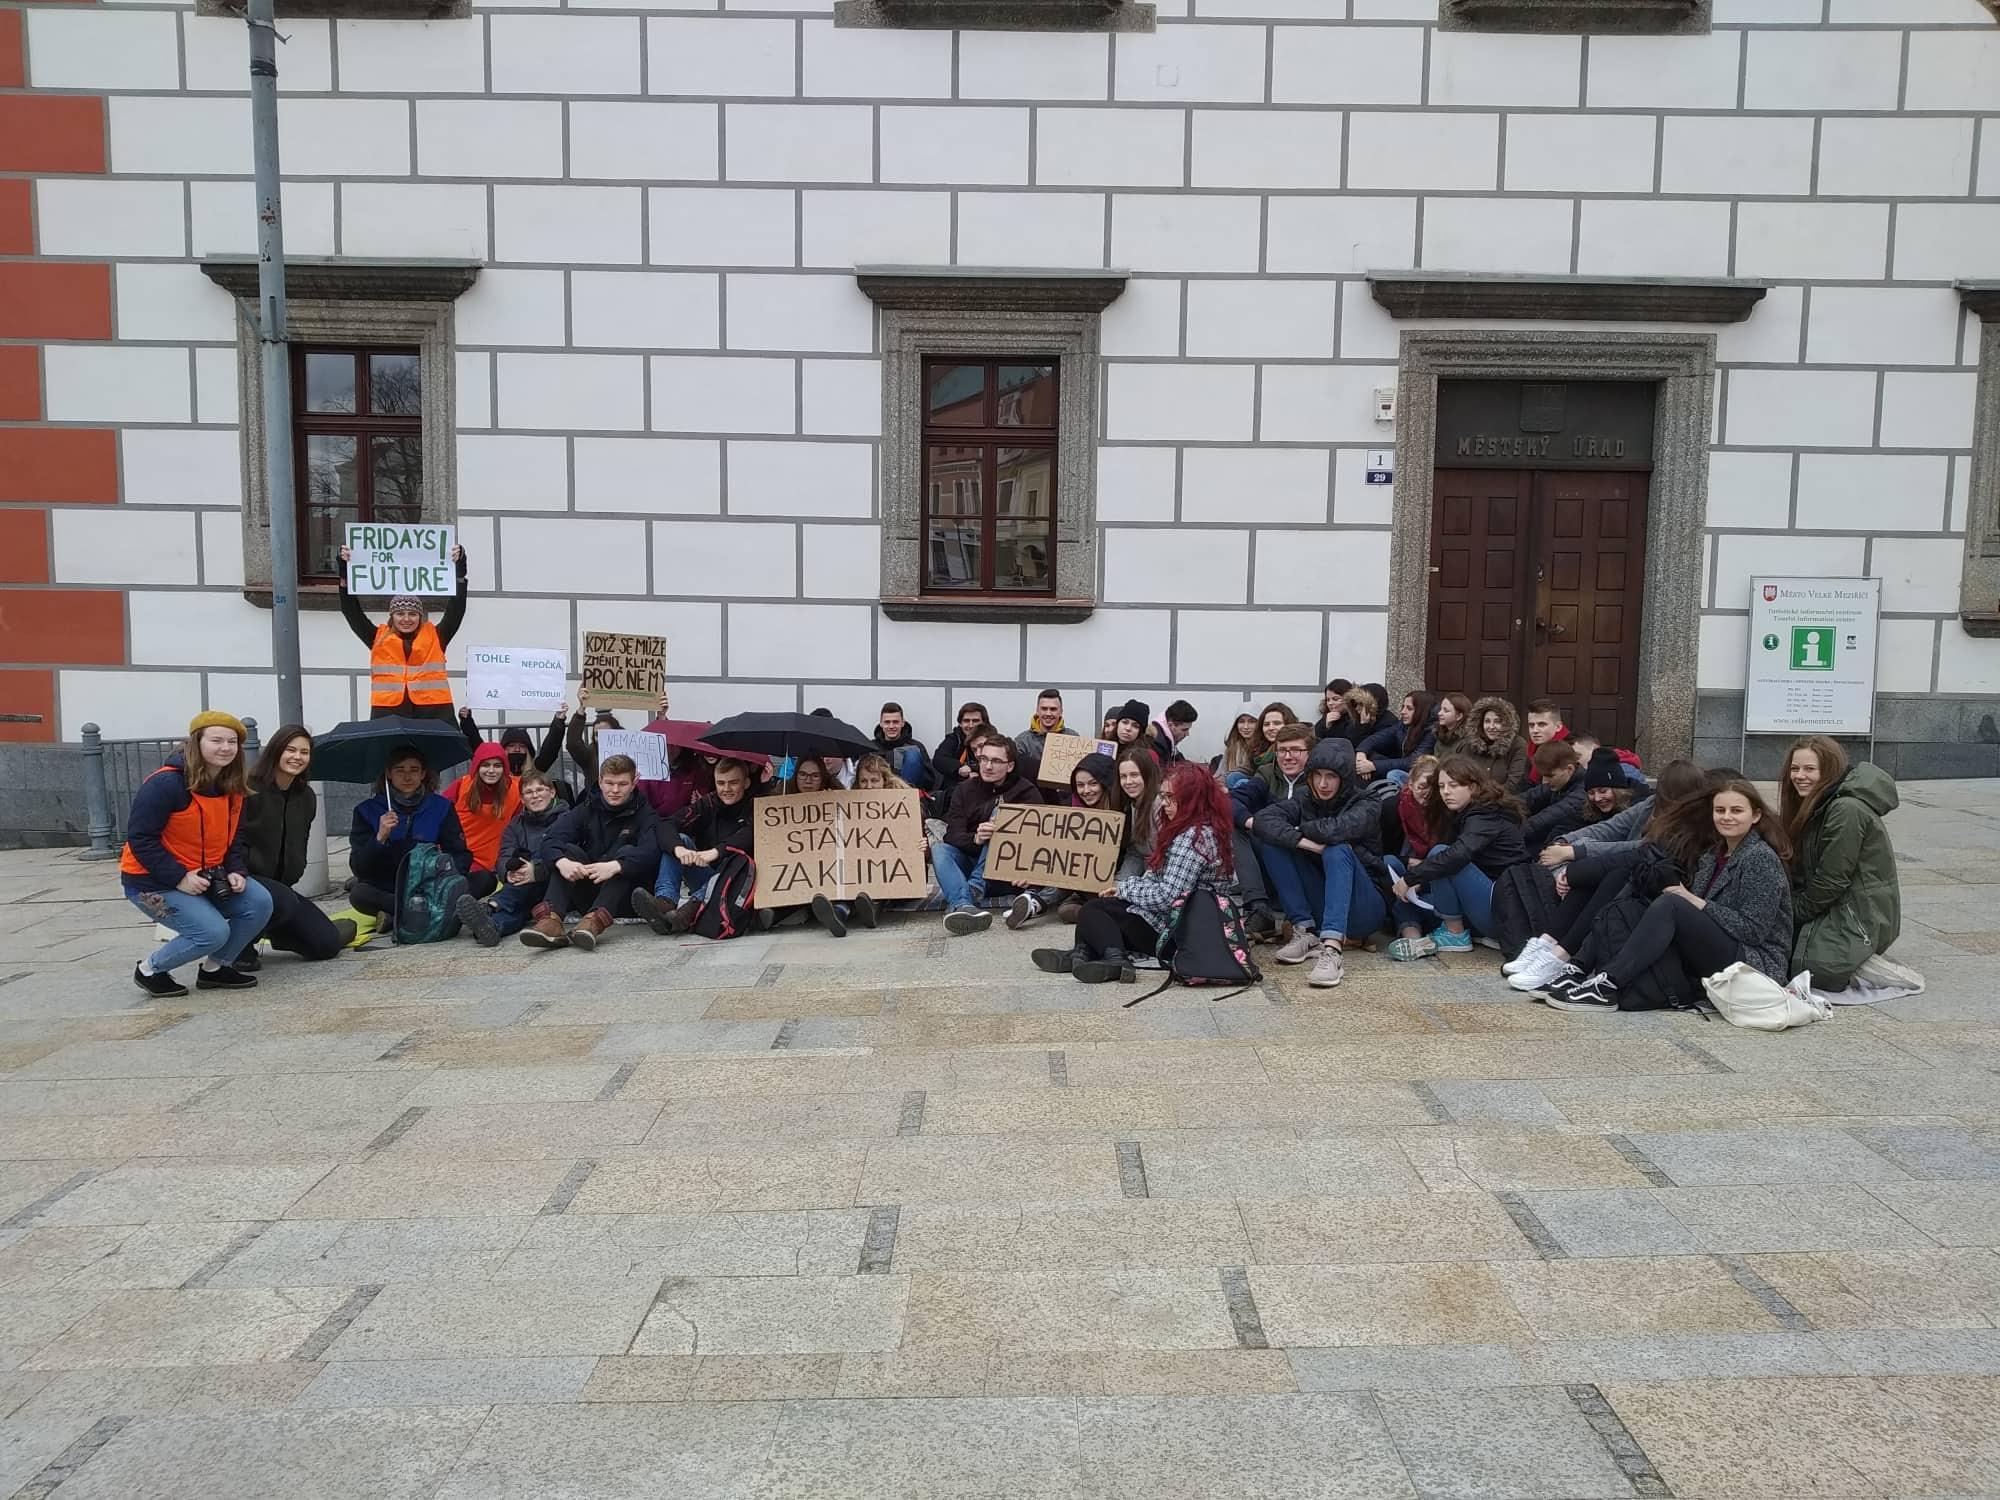 Stávka Za Klima Twitter: Studenti Demonstrovali Za Lepší Klima